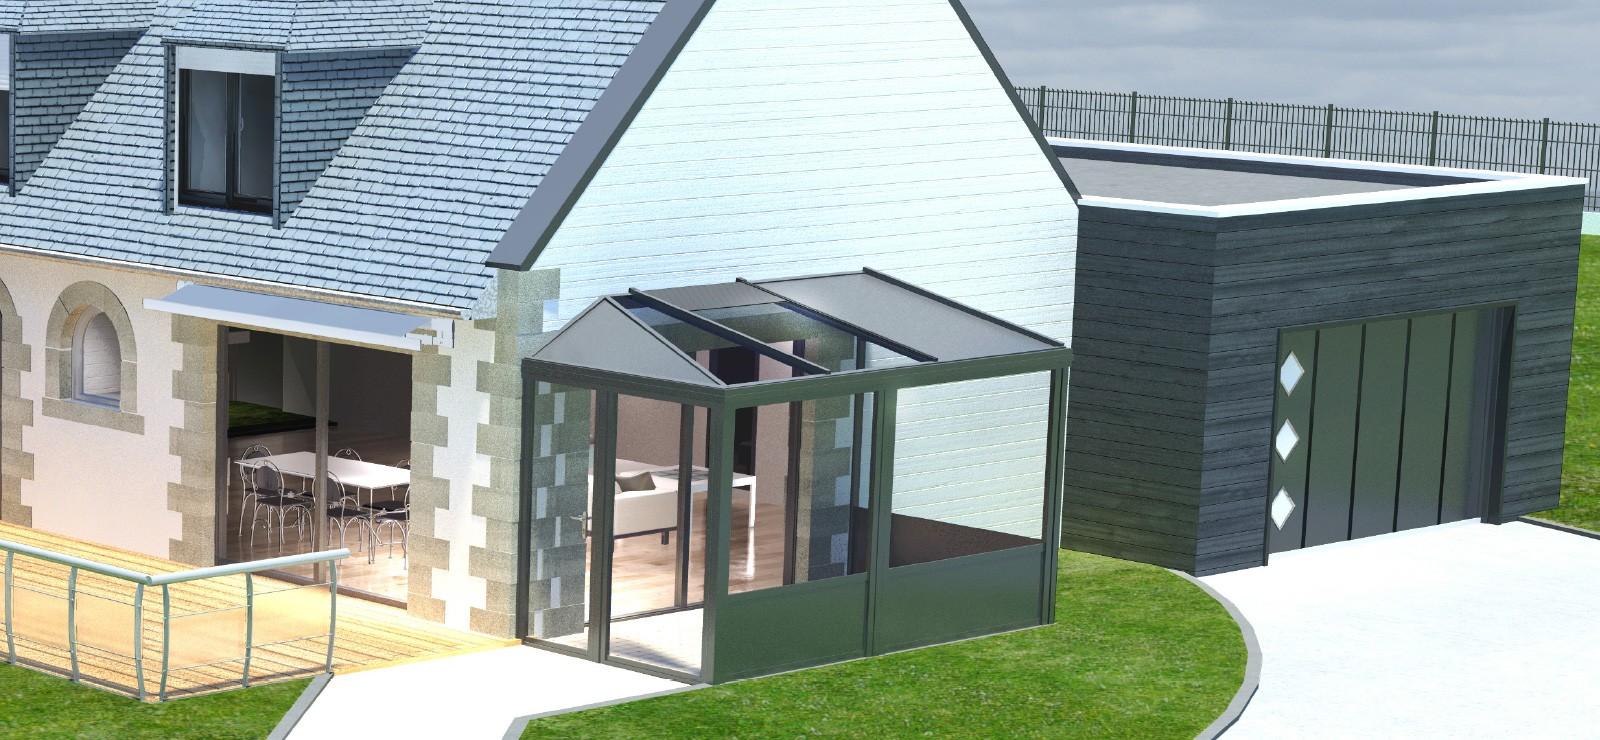 Porte de garage sectionnelle, basculante, enroulable, porte de garage électrique motorisée, porte de garage battante à vantaux,